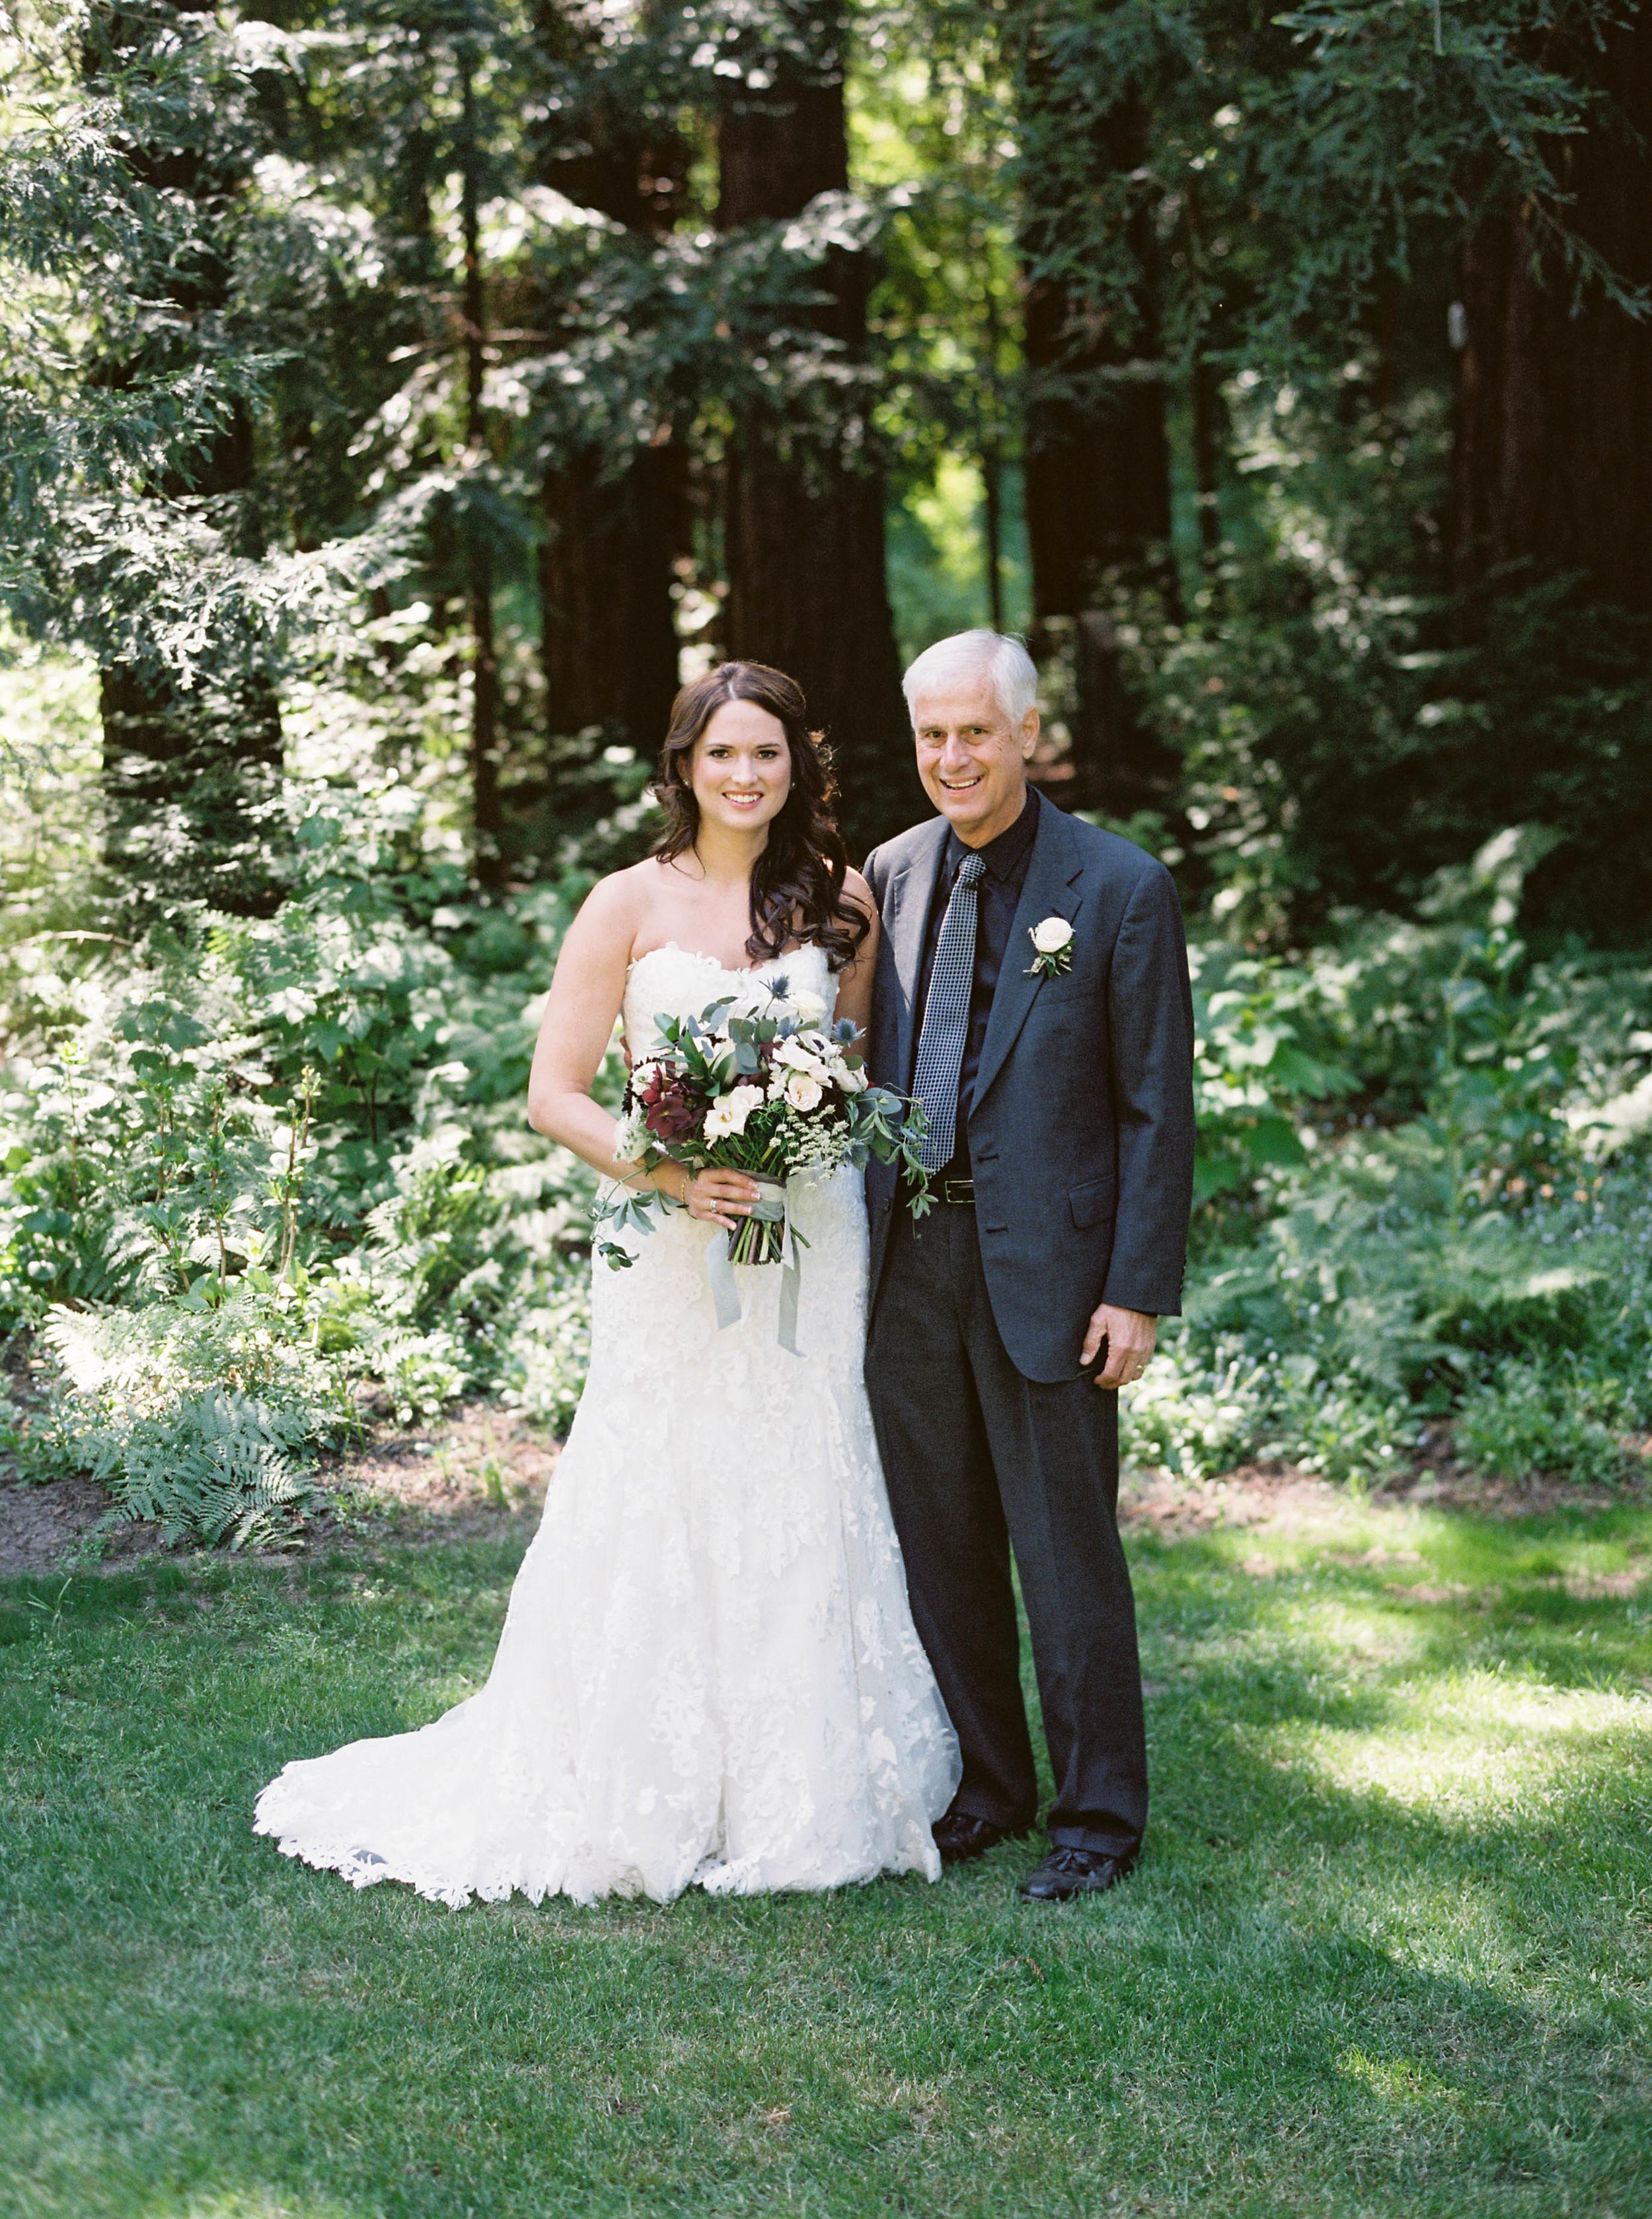 Meghan Mehan Photography - Alisa & Aaron_Nestldown Wedding - 035.jpg